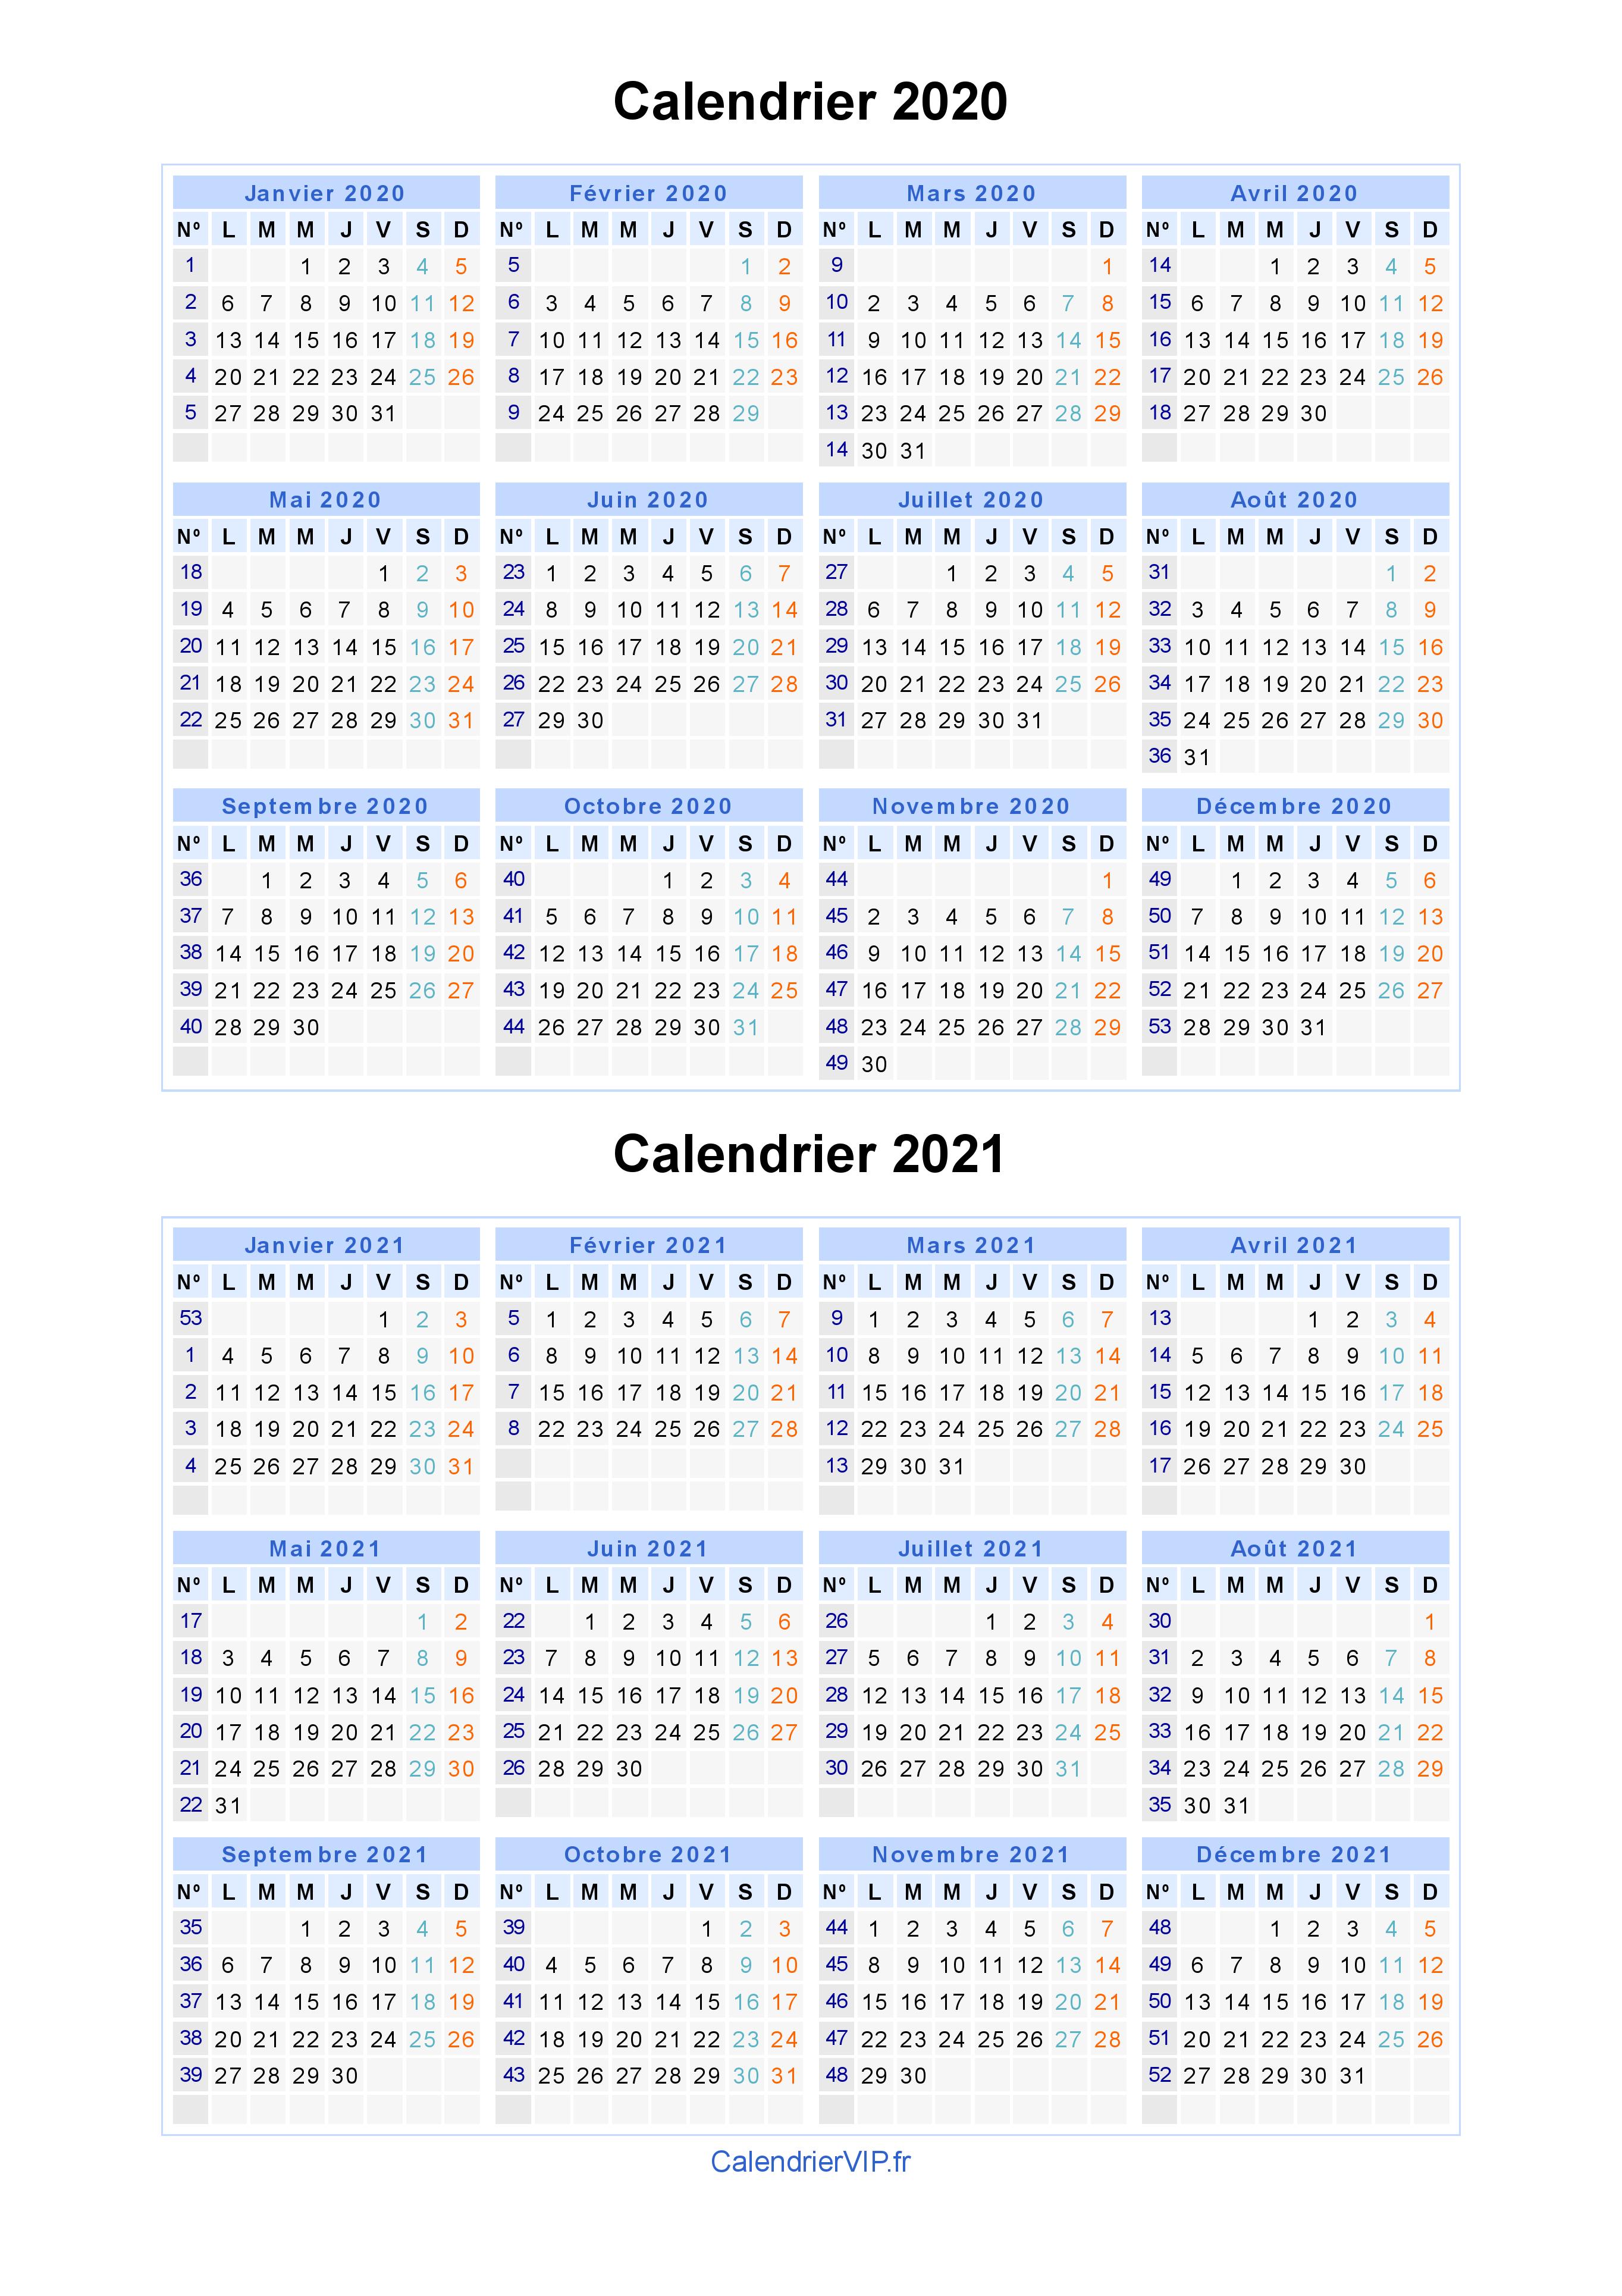 Calendrier 2020 Et 2020 Avec Vacances Scolaires.Calendrier 2020 2021 A Imprimer Gratuit En Pdf Et Excel